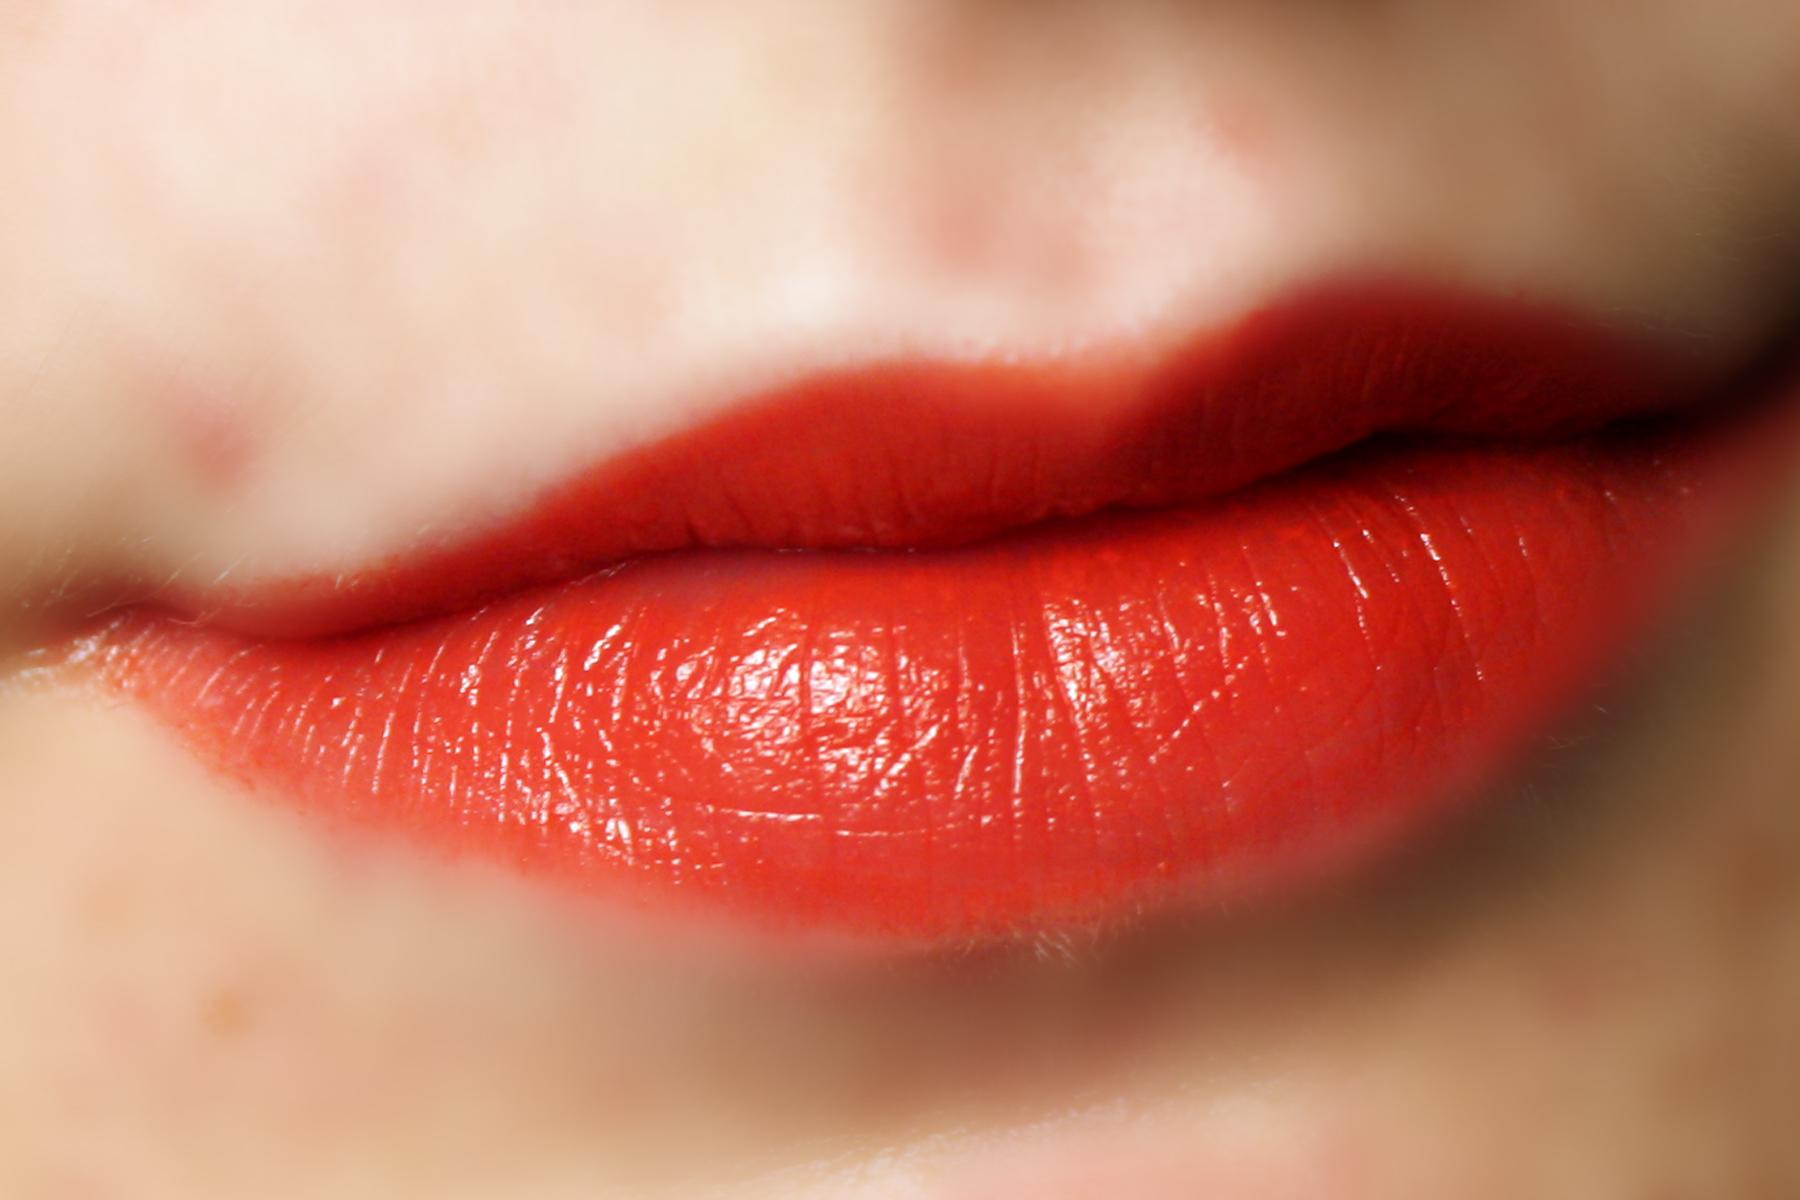 Lip color images 47